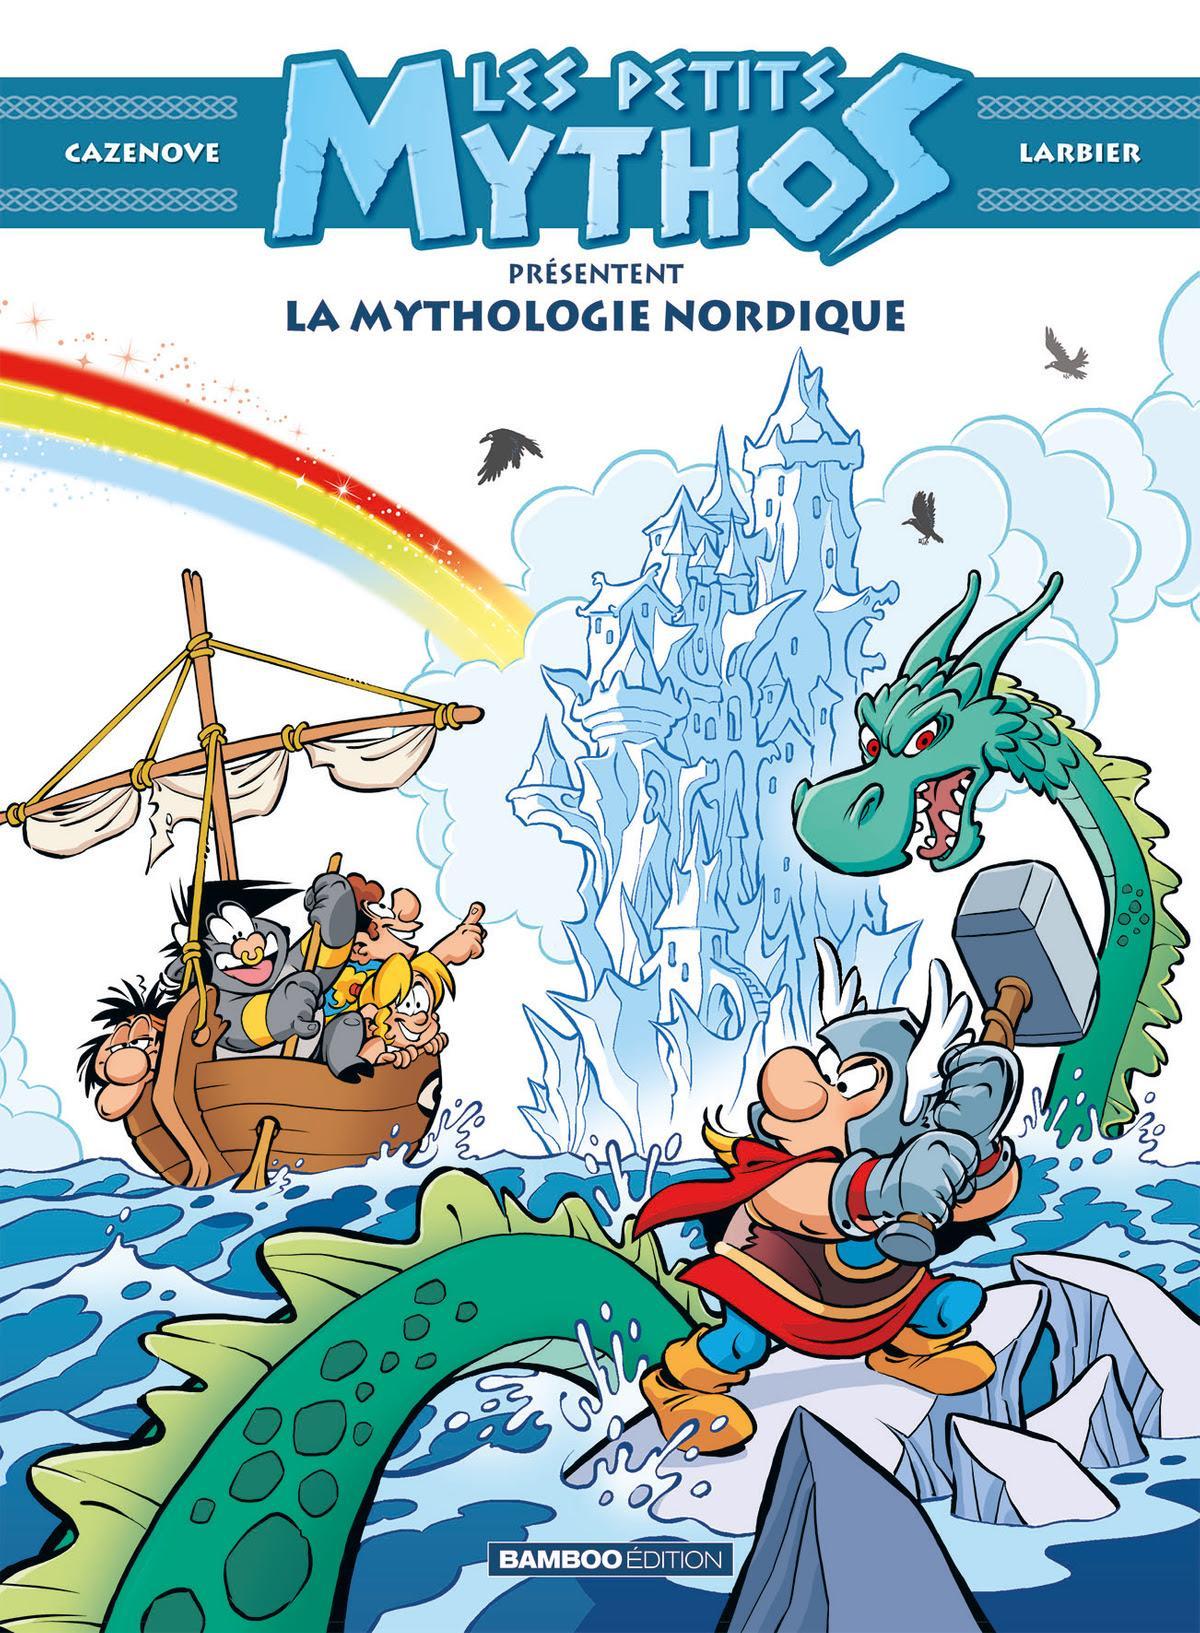 Les petits mythos présentent: La Mythologie Nordique